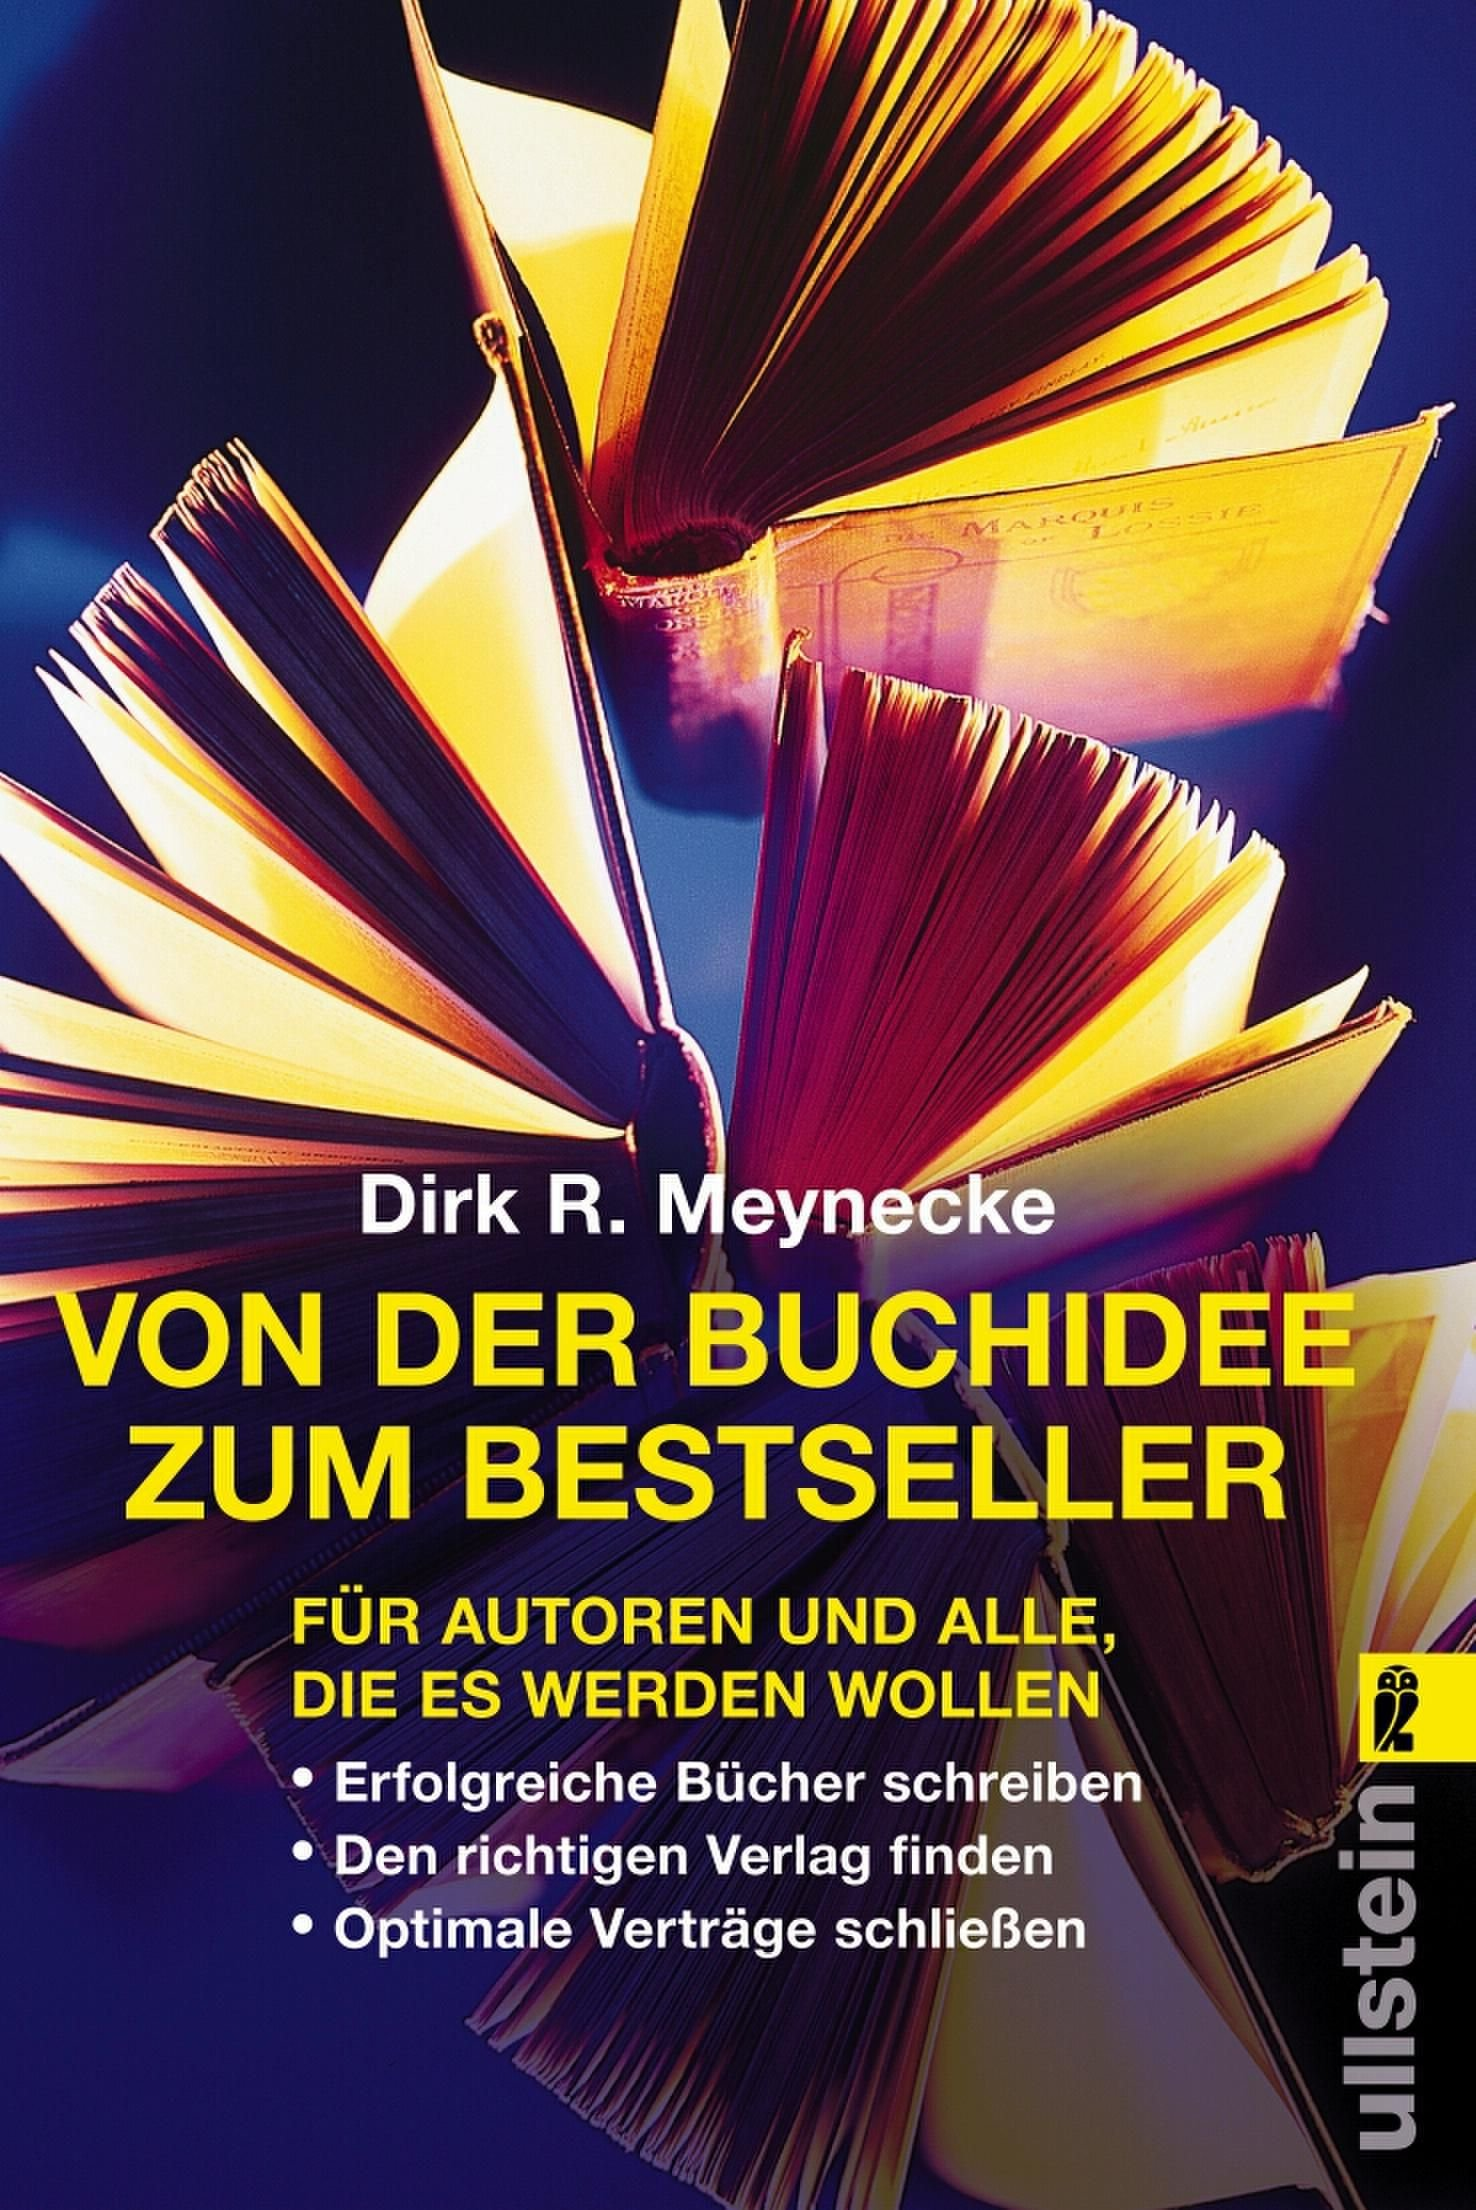 Von der Buchidee zum Bestseller: Für Autoren und alle, die es werden wollen Taschenbuch – 1. Januar 2004 Dirk R Meynecke Ullstein Taschenbuch 3548366872 Verlagswesen